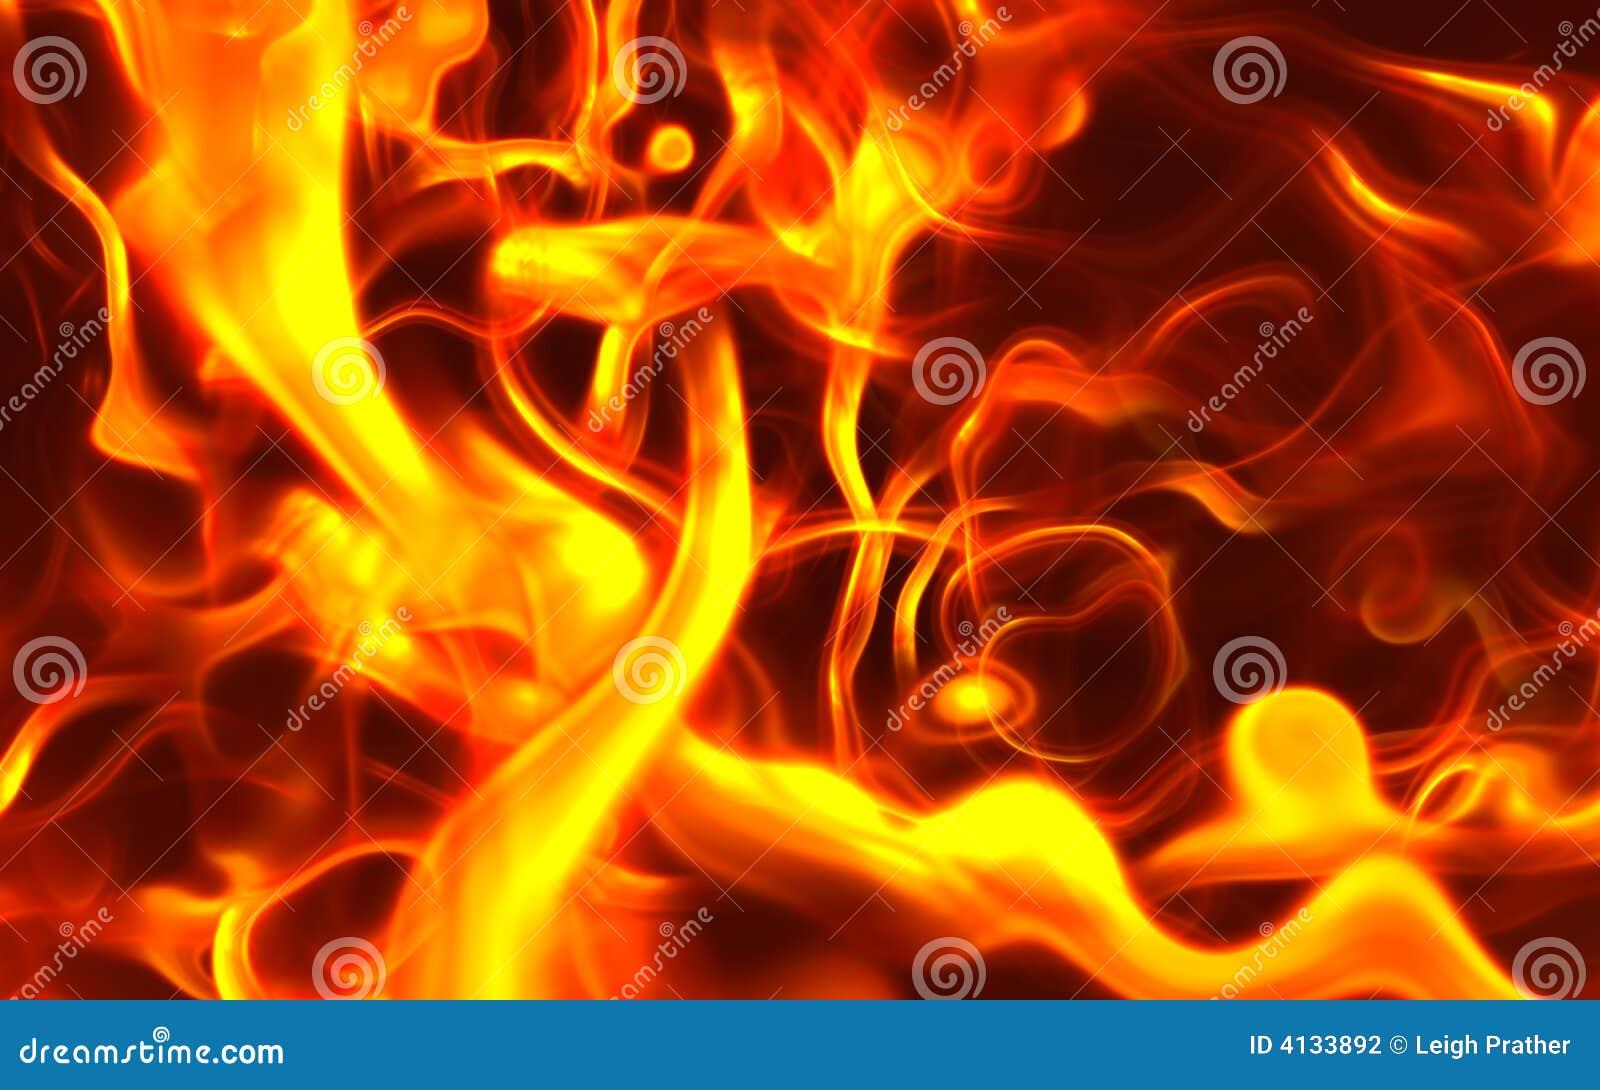 Fuego originado en ordenador